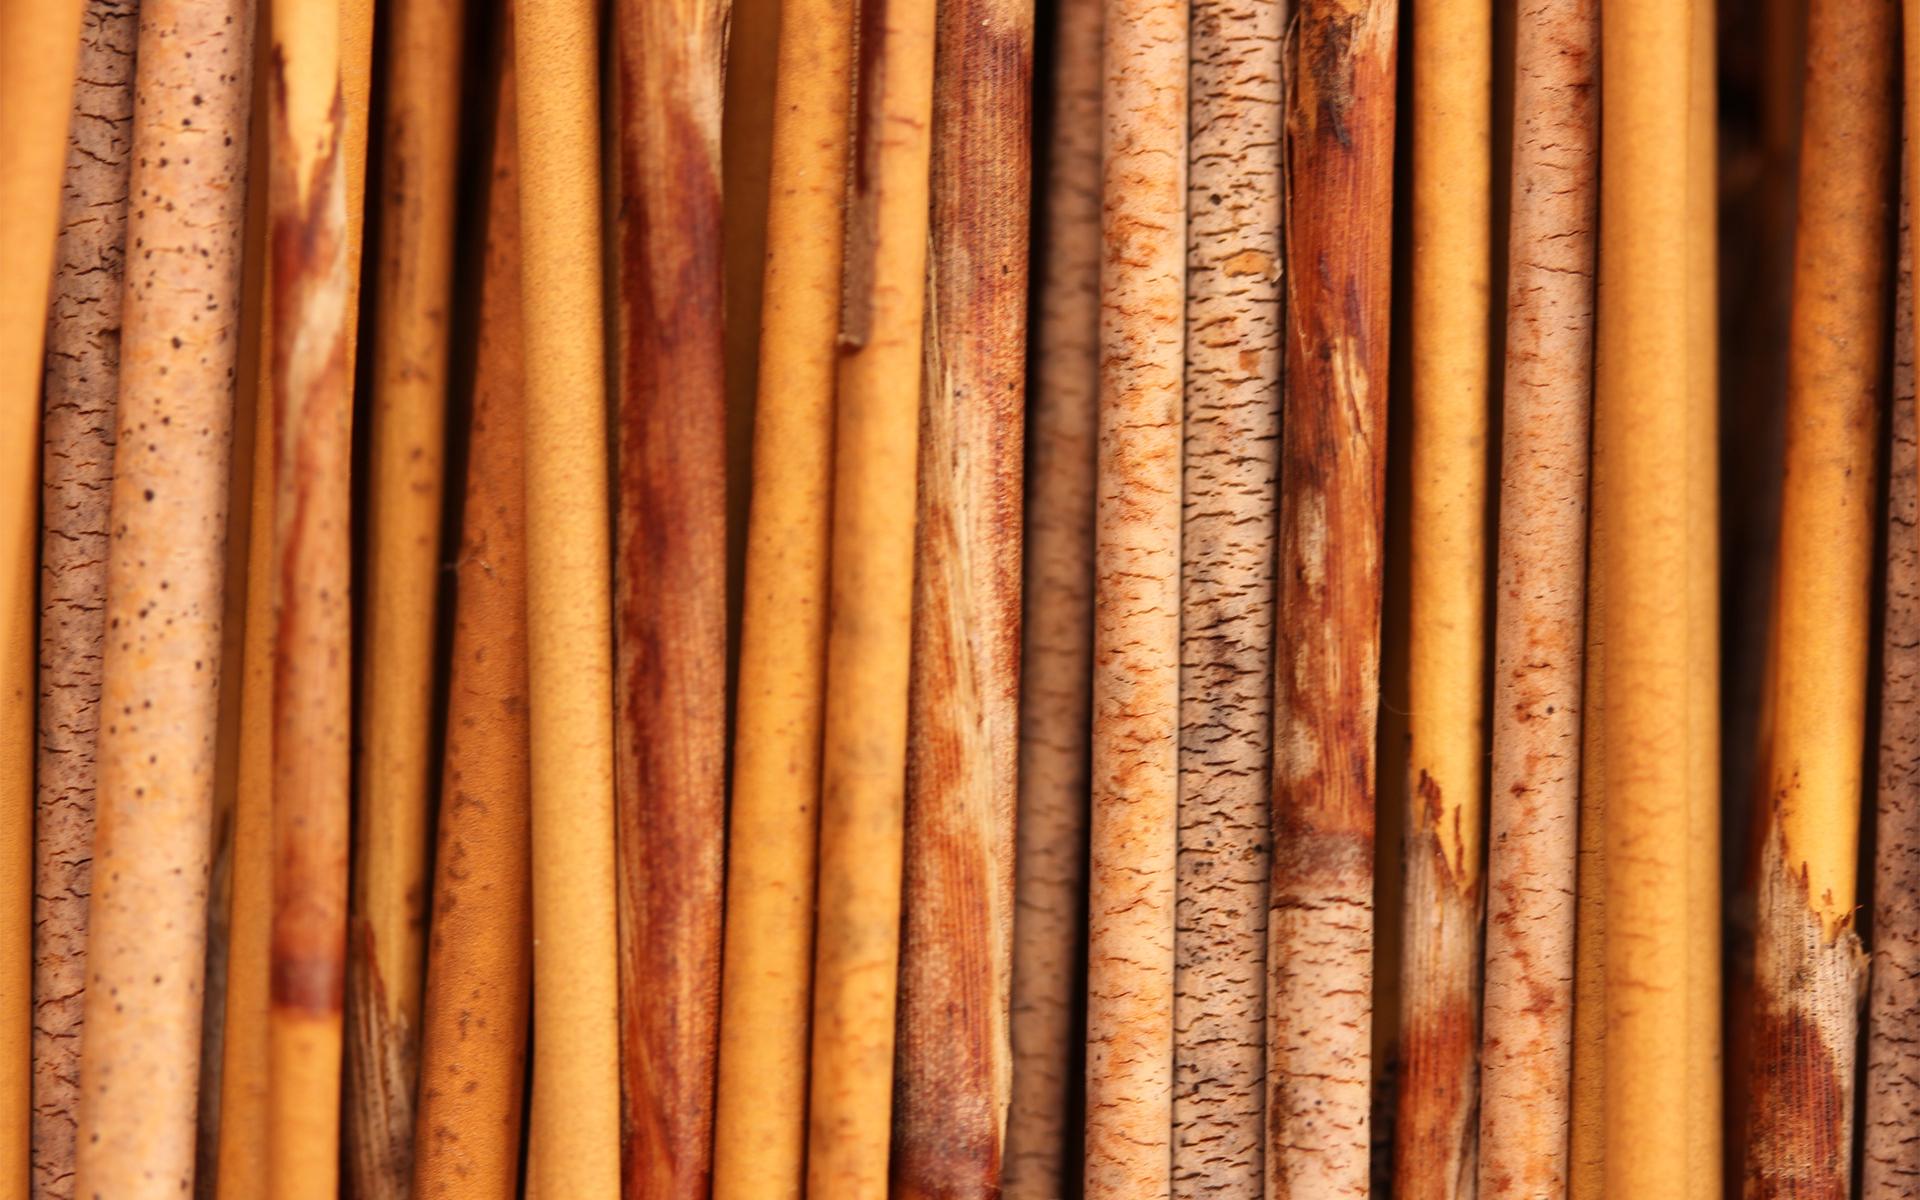 Wood texture wallpaper 45477 1920x1200 px hdwallsource wood texture wallpaper 45477 voltagebd Choice Image